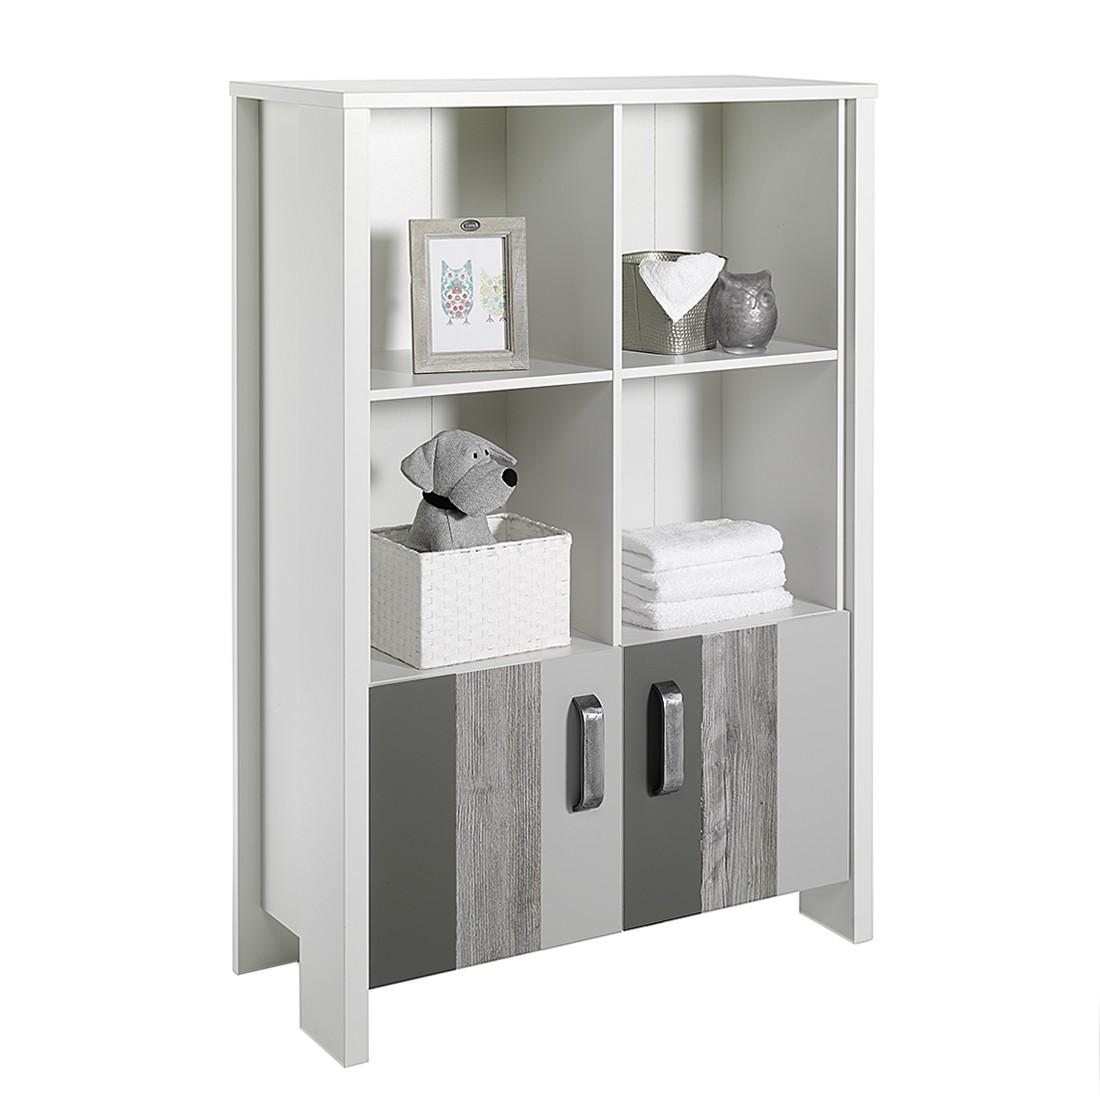 top regal woody grey wei grau pinie grau dekor hellgrau dunkelgrau schardt moebel. Black Bedroom Furniture Sets. Home Design Ideas